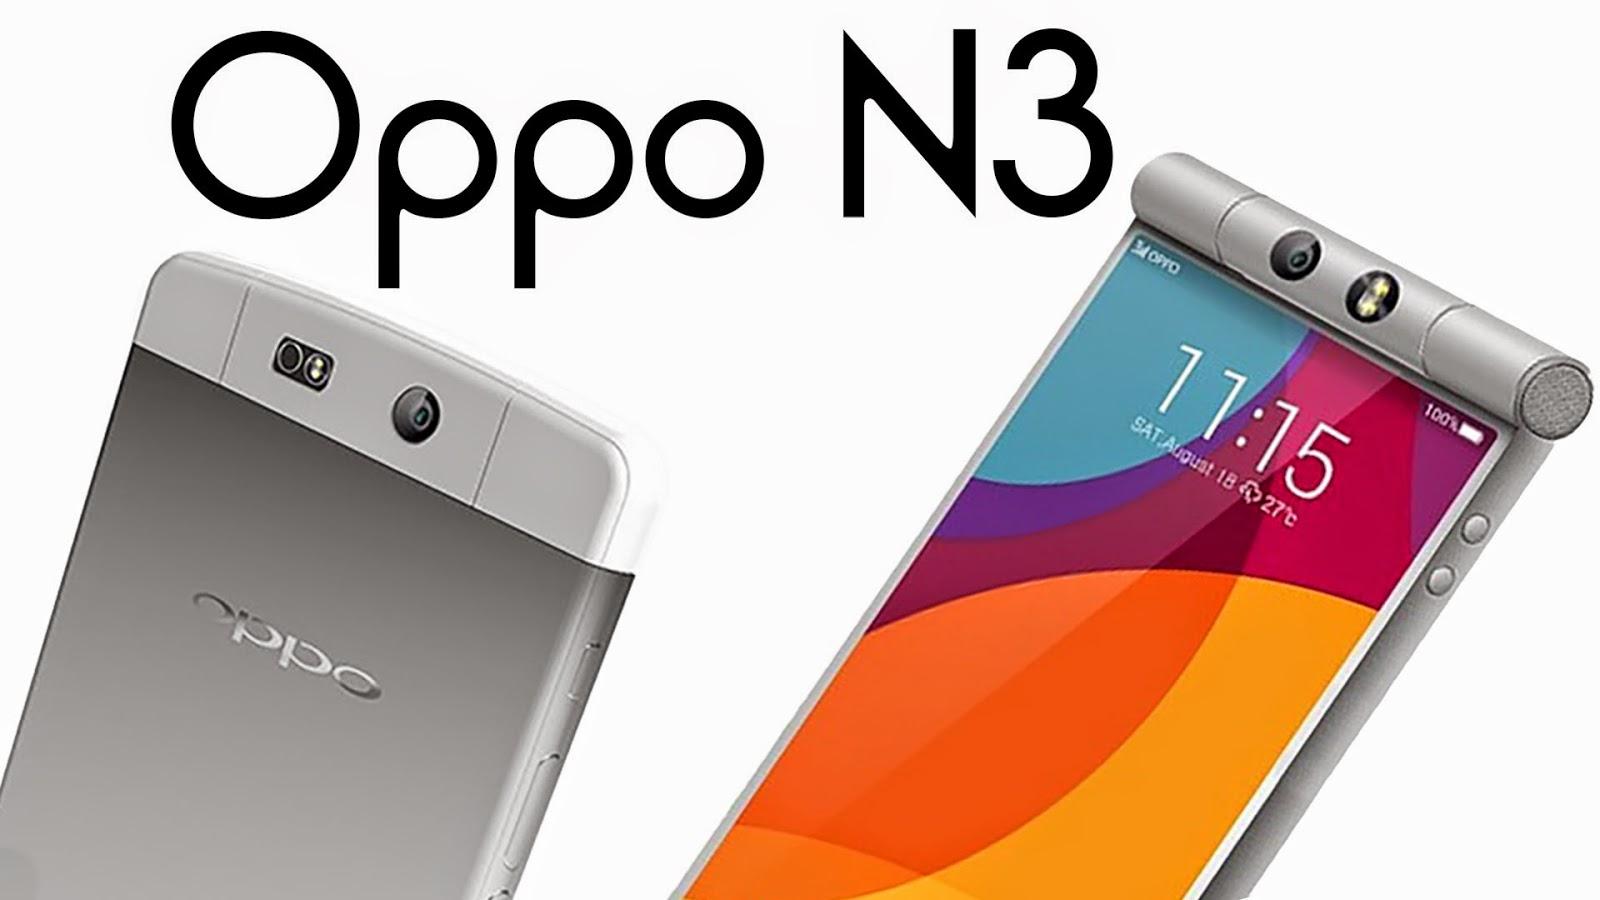 Harga dan Spesifikasi Oppo N3 Terbaru